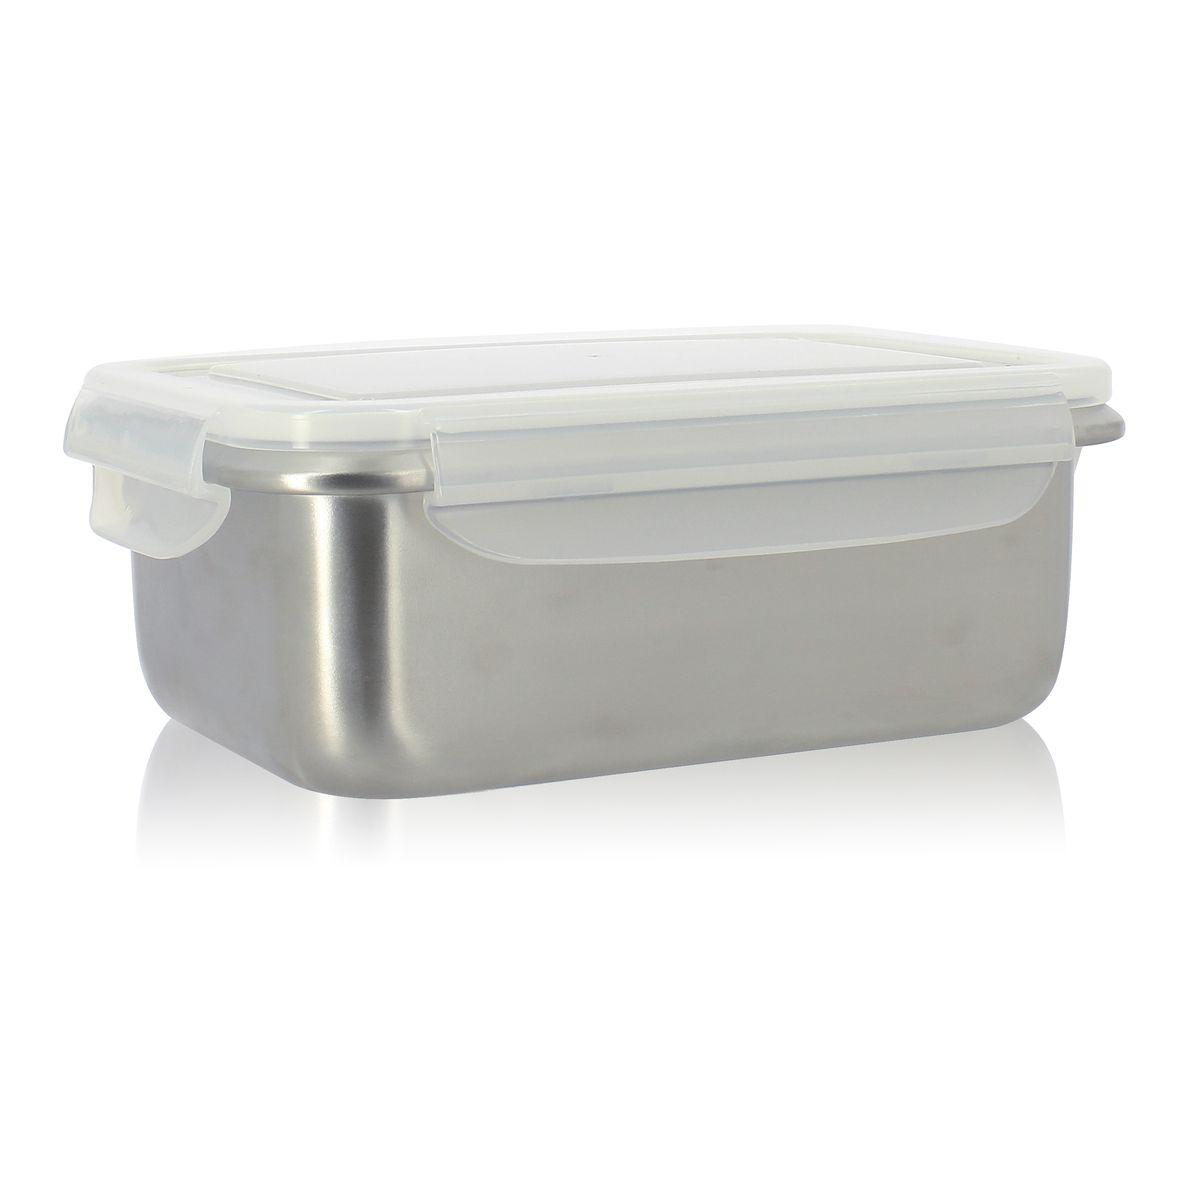 Boîte hermétique pour repas en acier inoxydable 1,8L